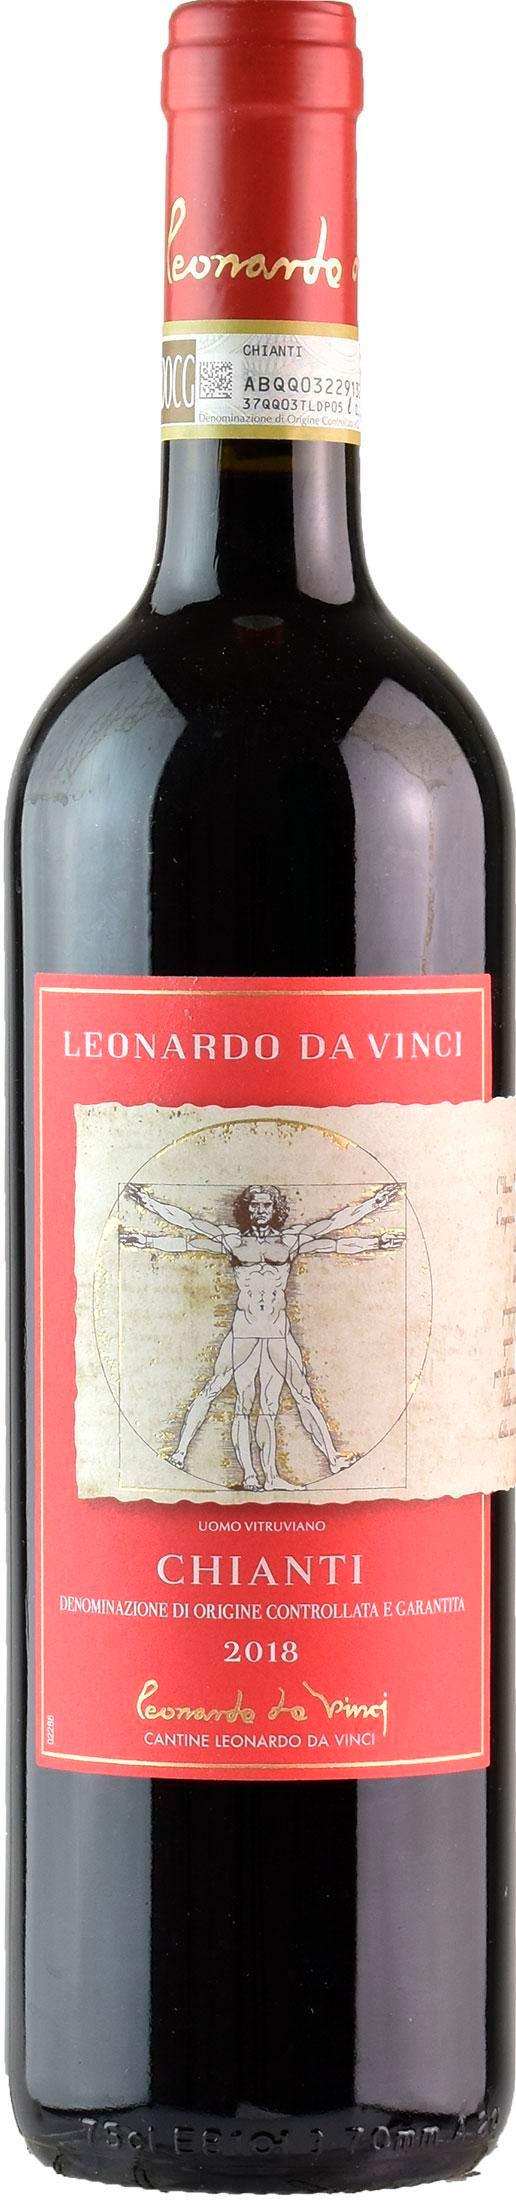 Chianti ( Leonardo Da Vinci ) 2019